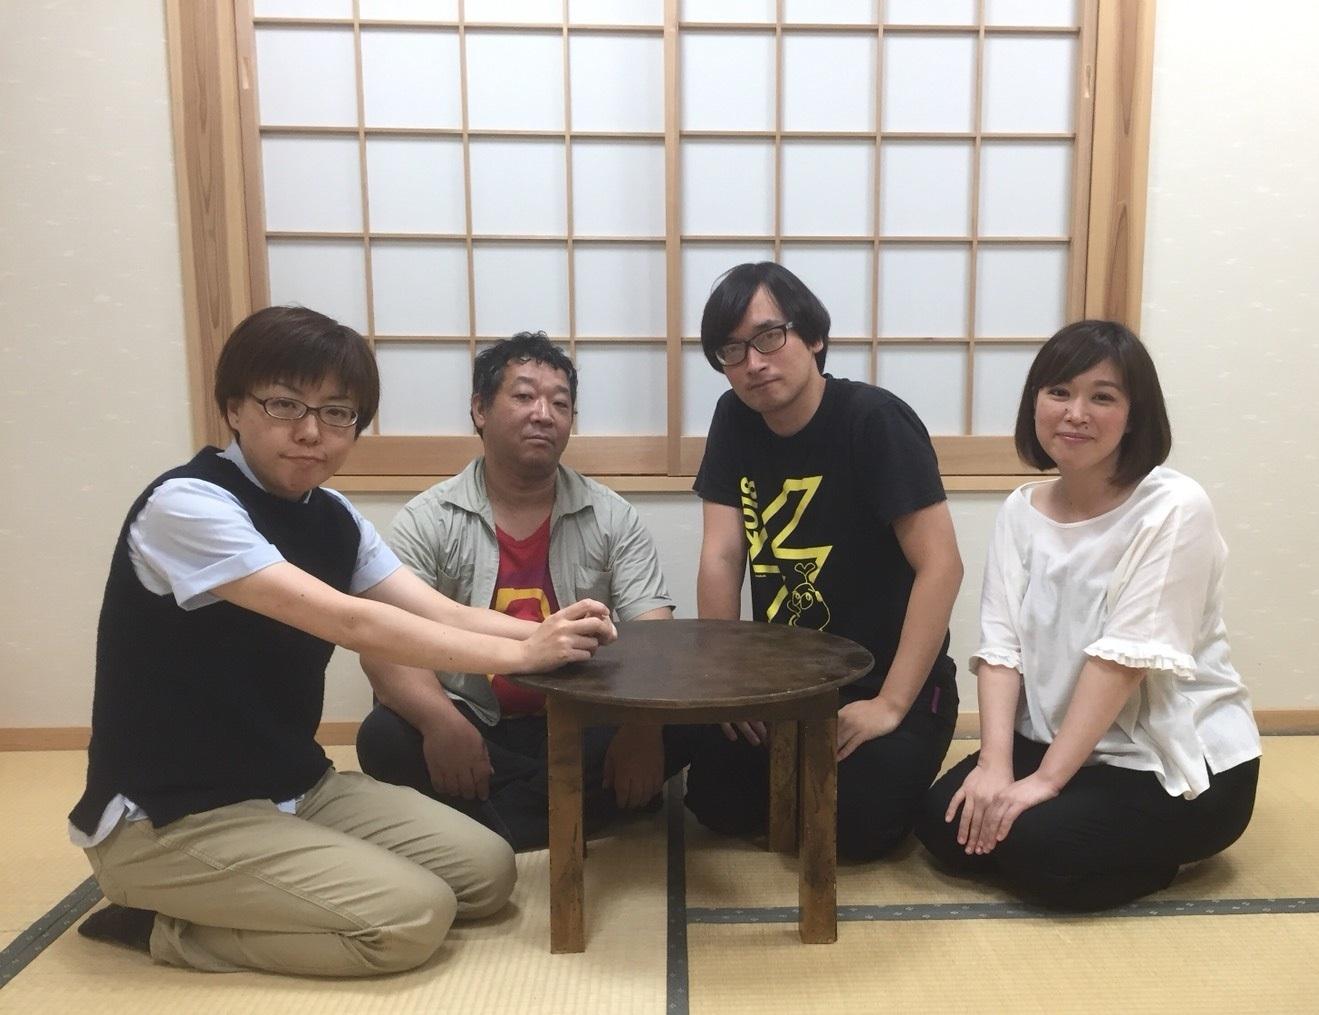 『隣にいても一人』メイン出演者。(左から)椎葉みず穂、平野浩治、大迫旭洋、松本麻衣子 [写真提供]雨傘屋